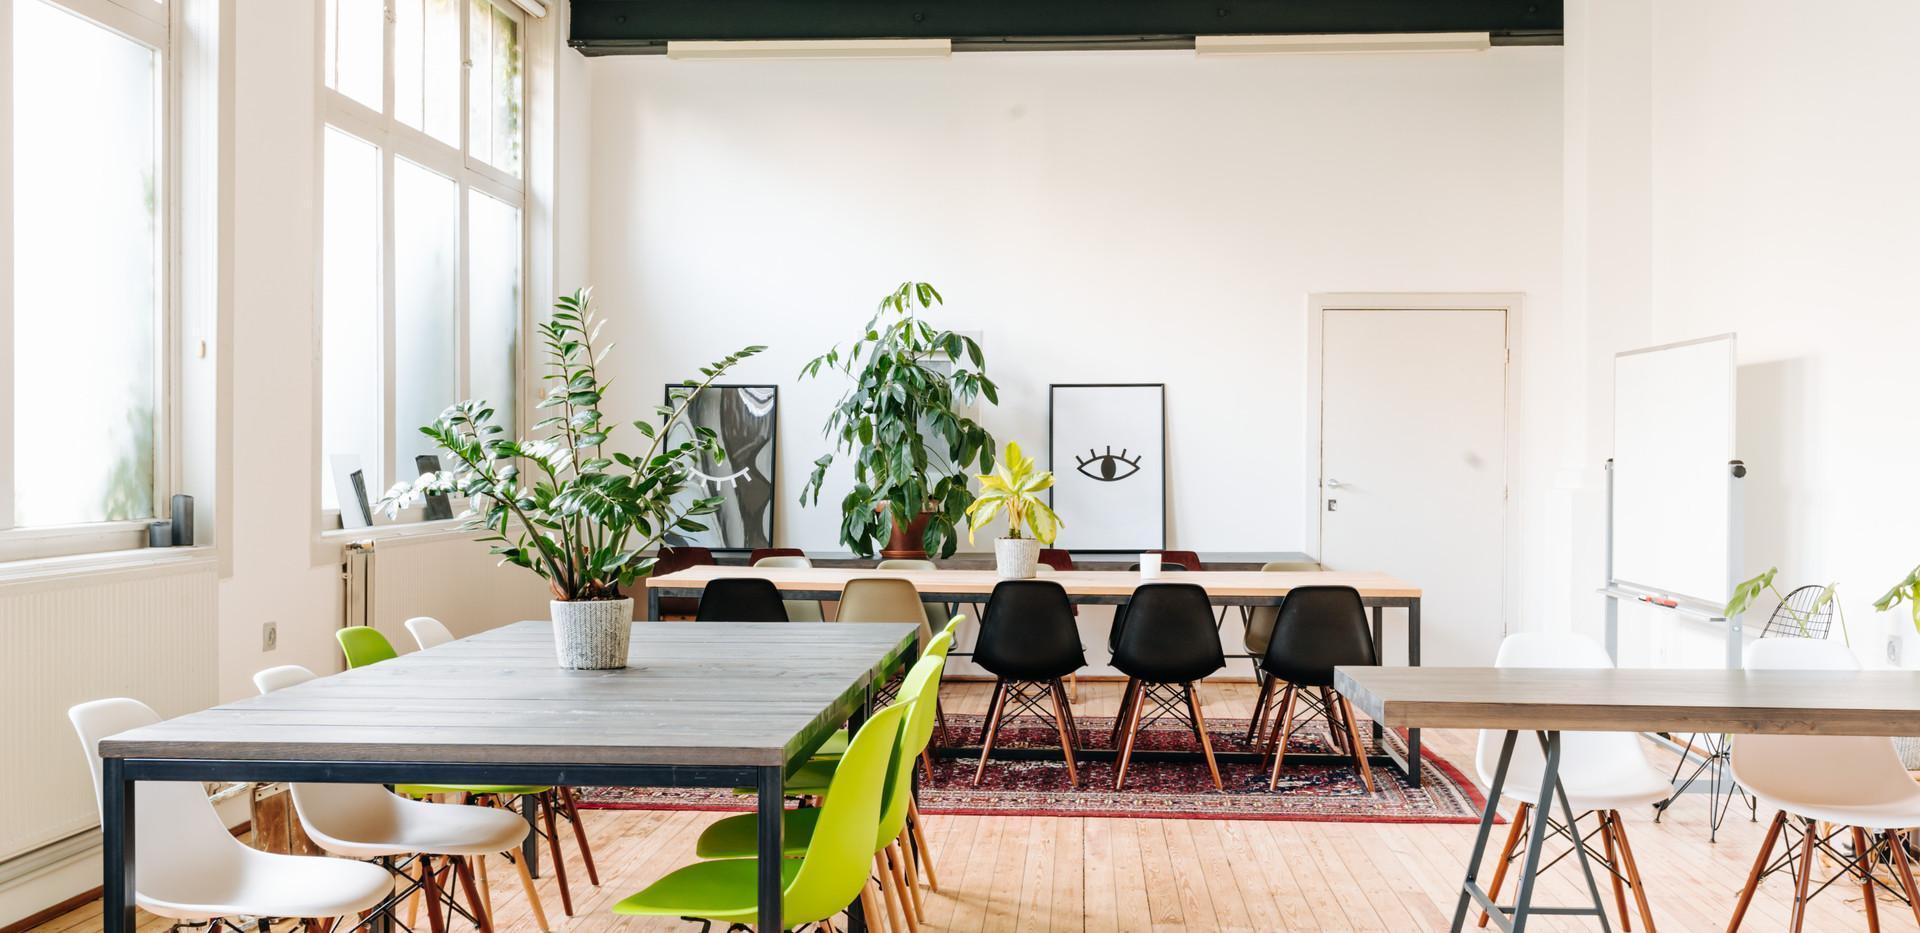 friday cowork meetingspace